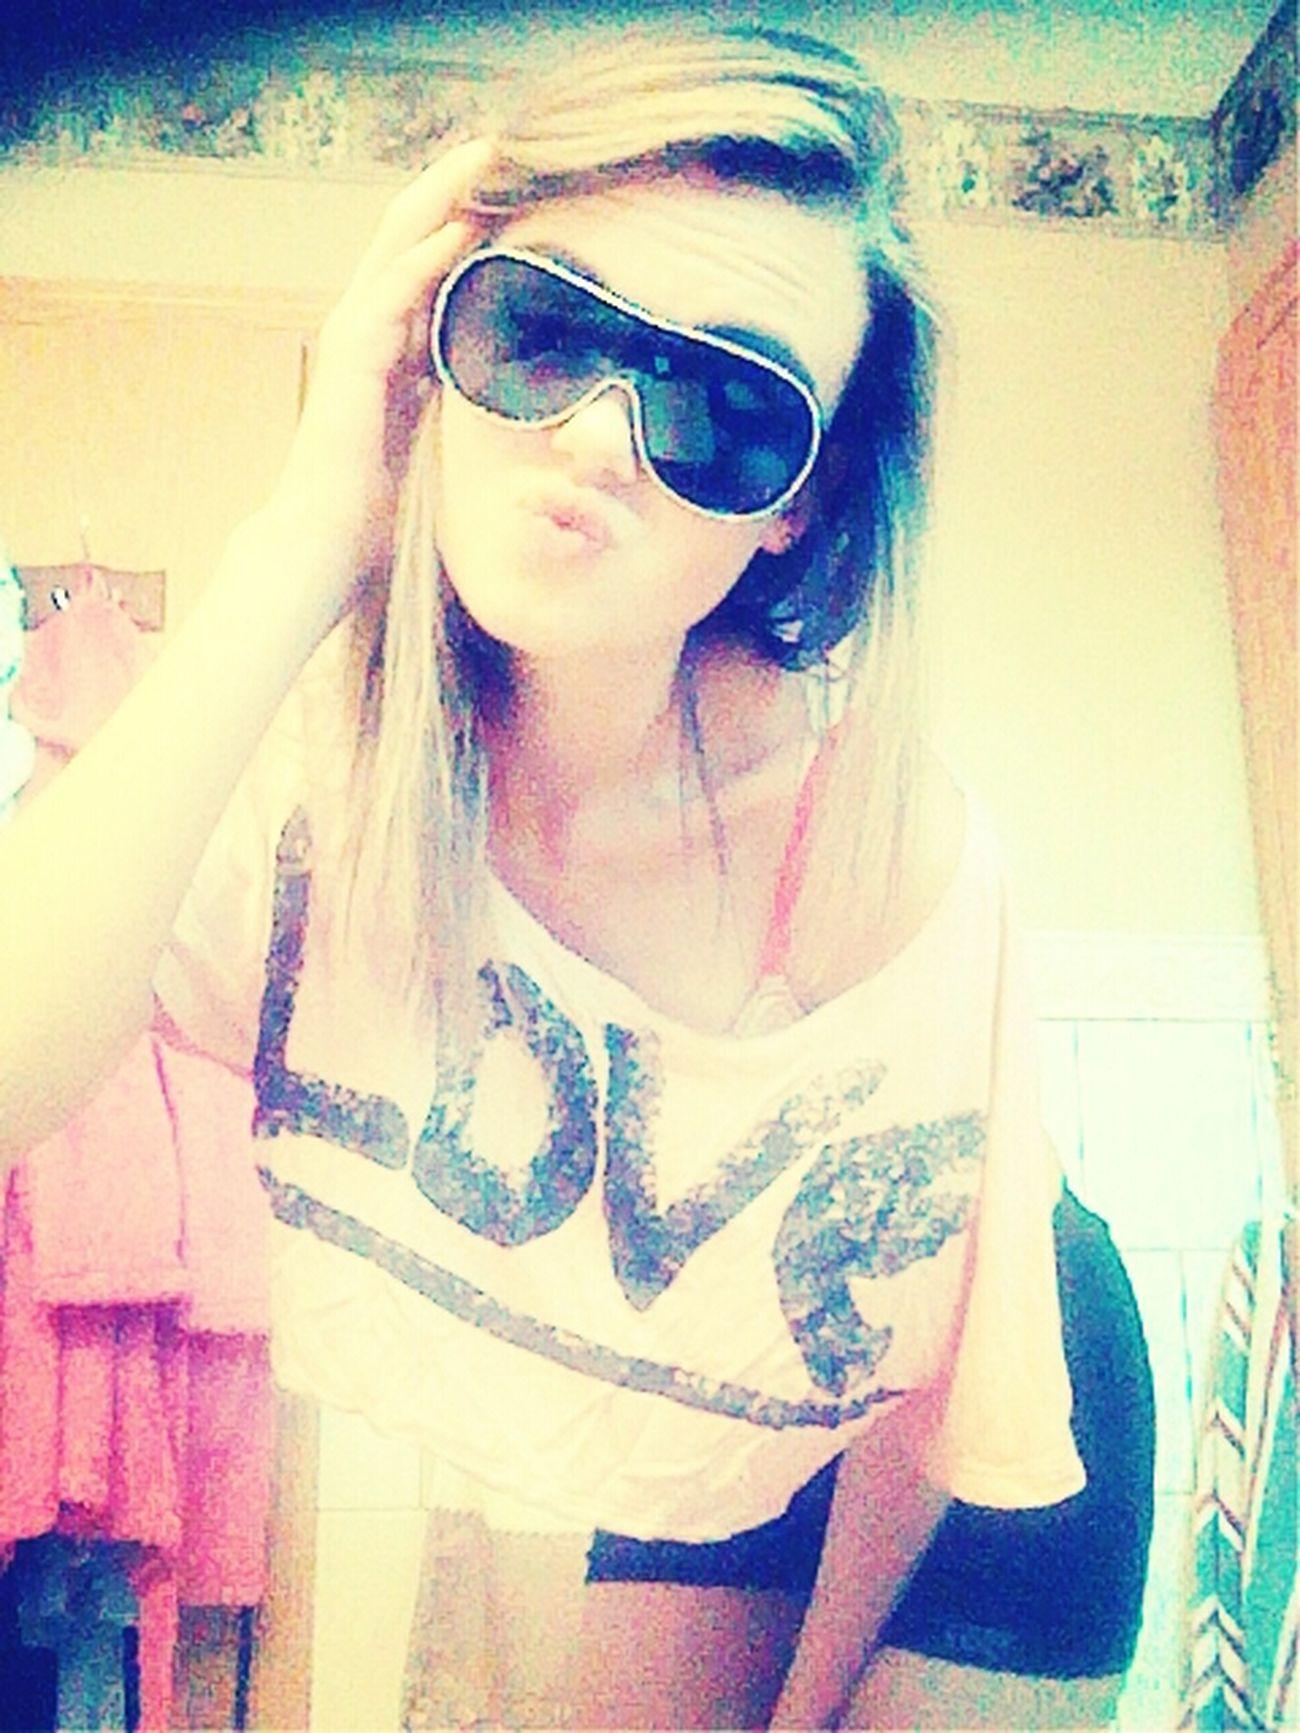 #lips #love #smile #pink #cute #pretty Prettygirlswag